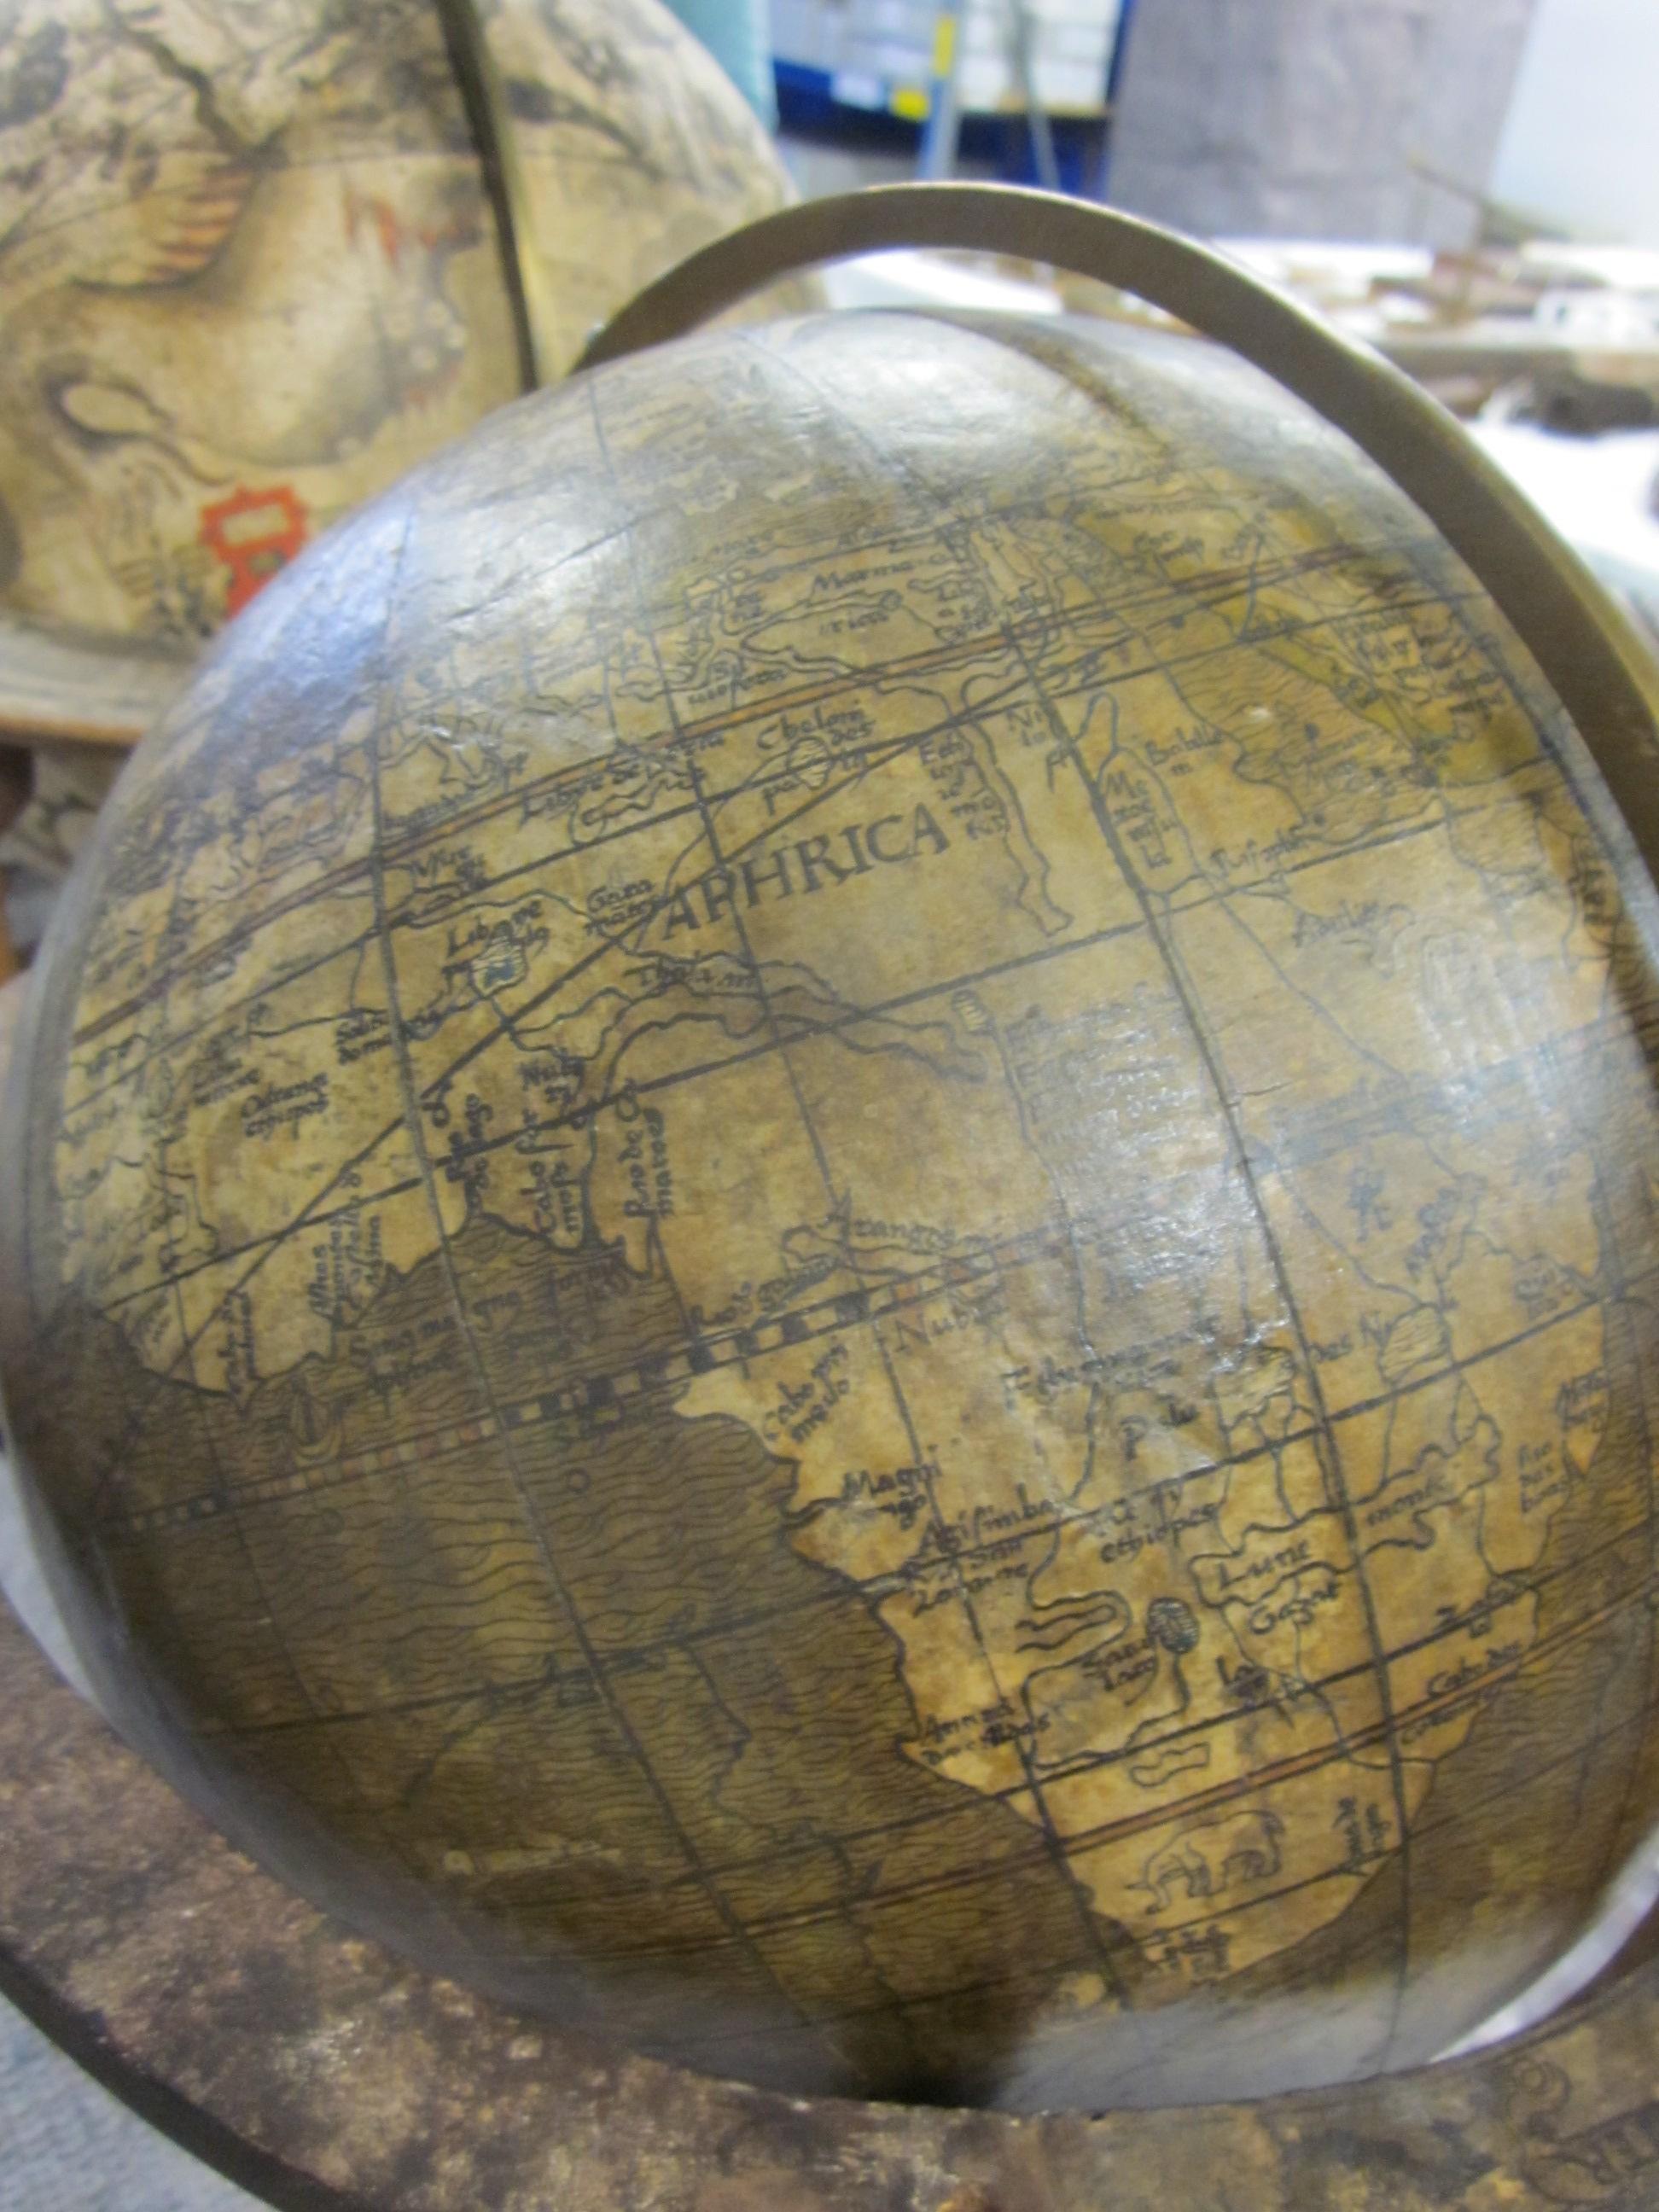 historisches museum frankfurt: Globus-Ausschnitt, Johannes Schöner, 1515 (Afrika)